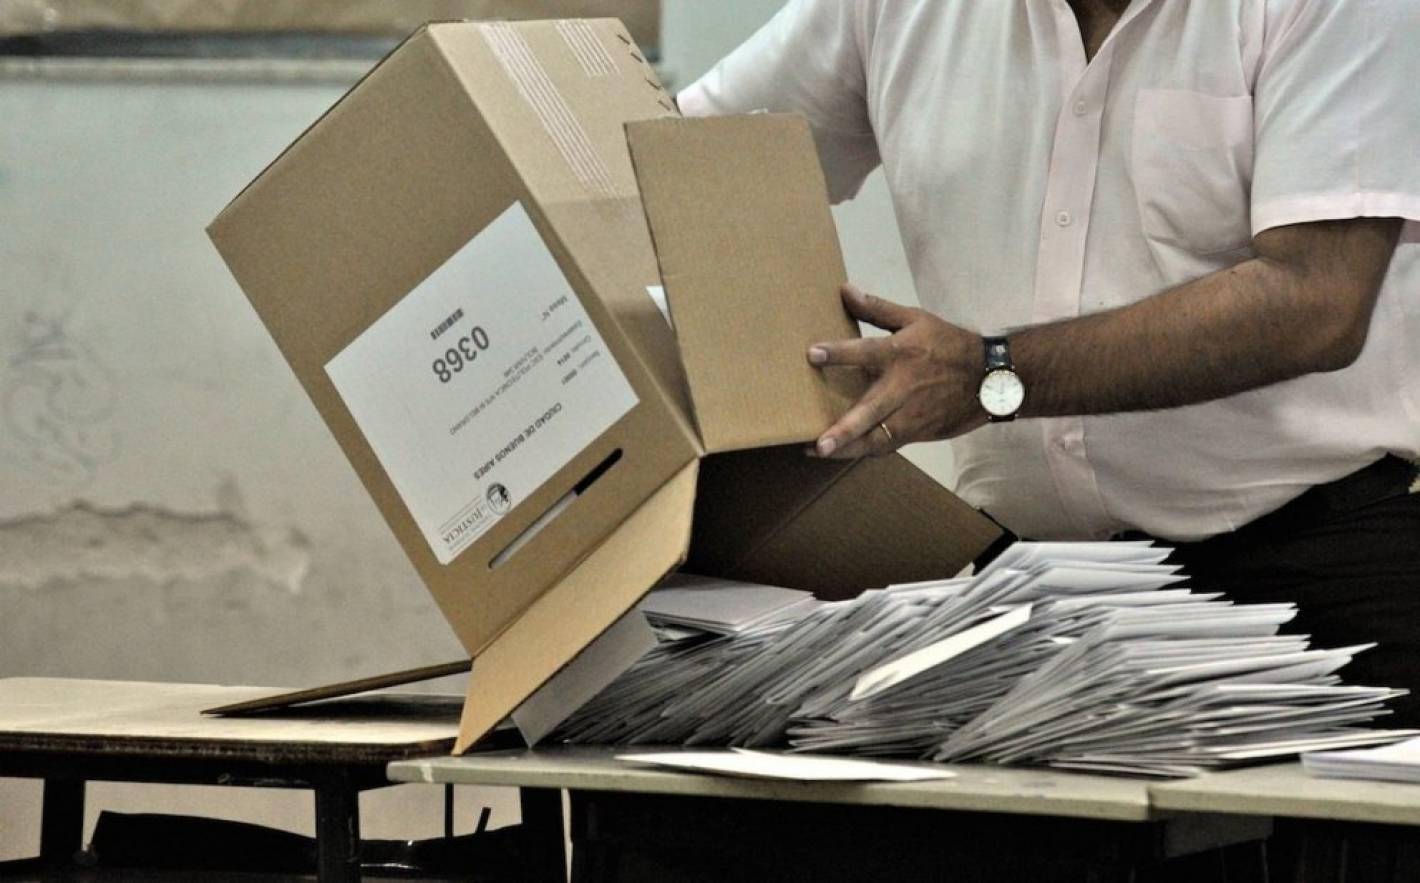 En el escrutinio el correo neg irregularidades y Ministerio del interior escrutinio